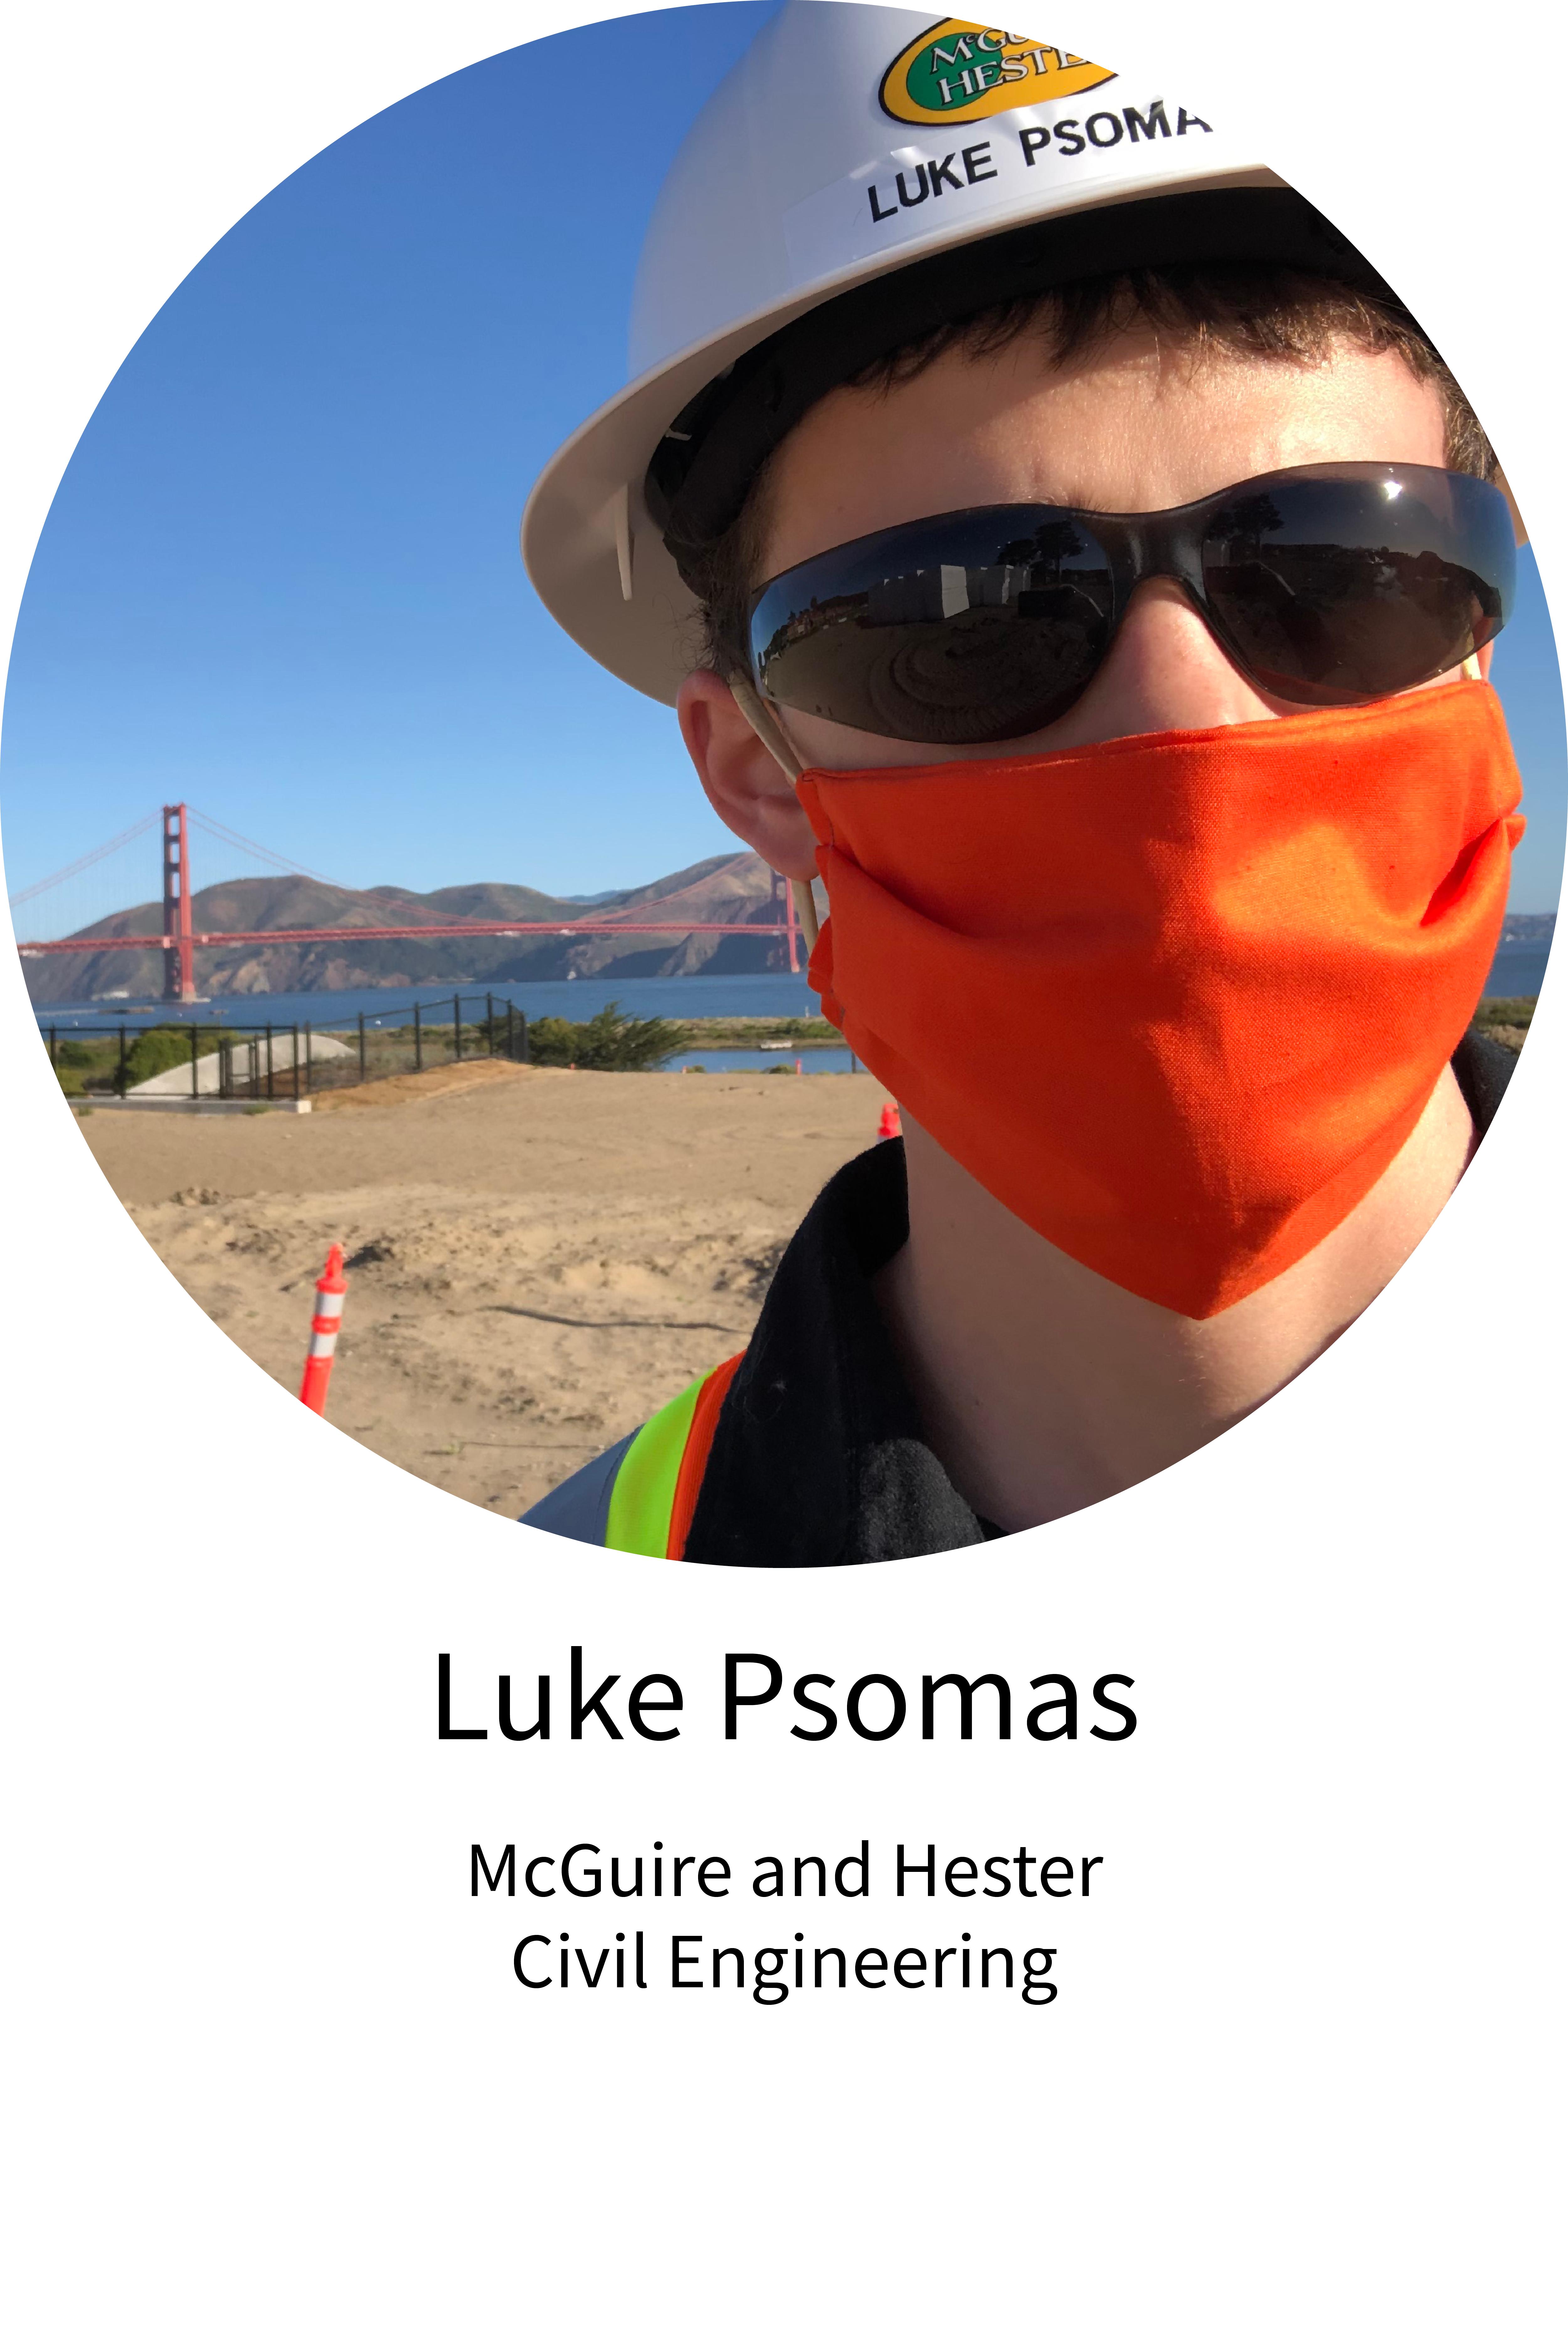 Luke Psomas Internship Spotlight